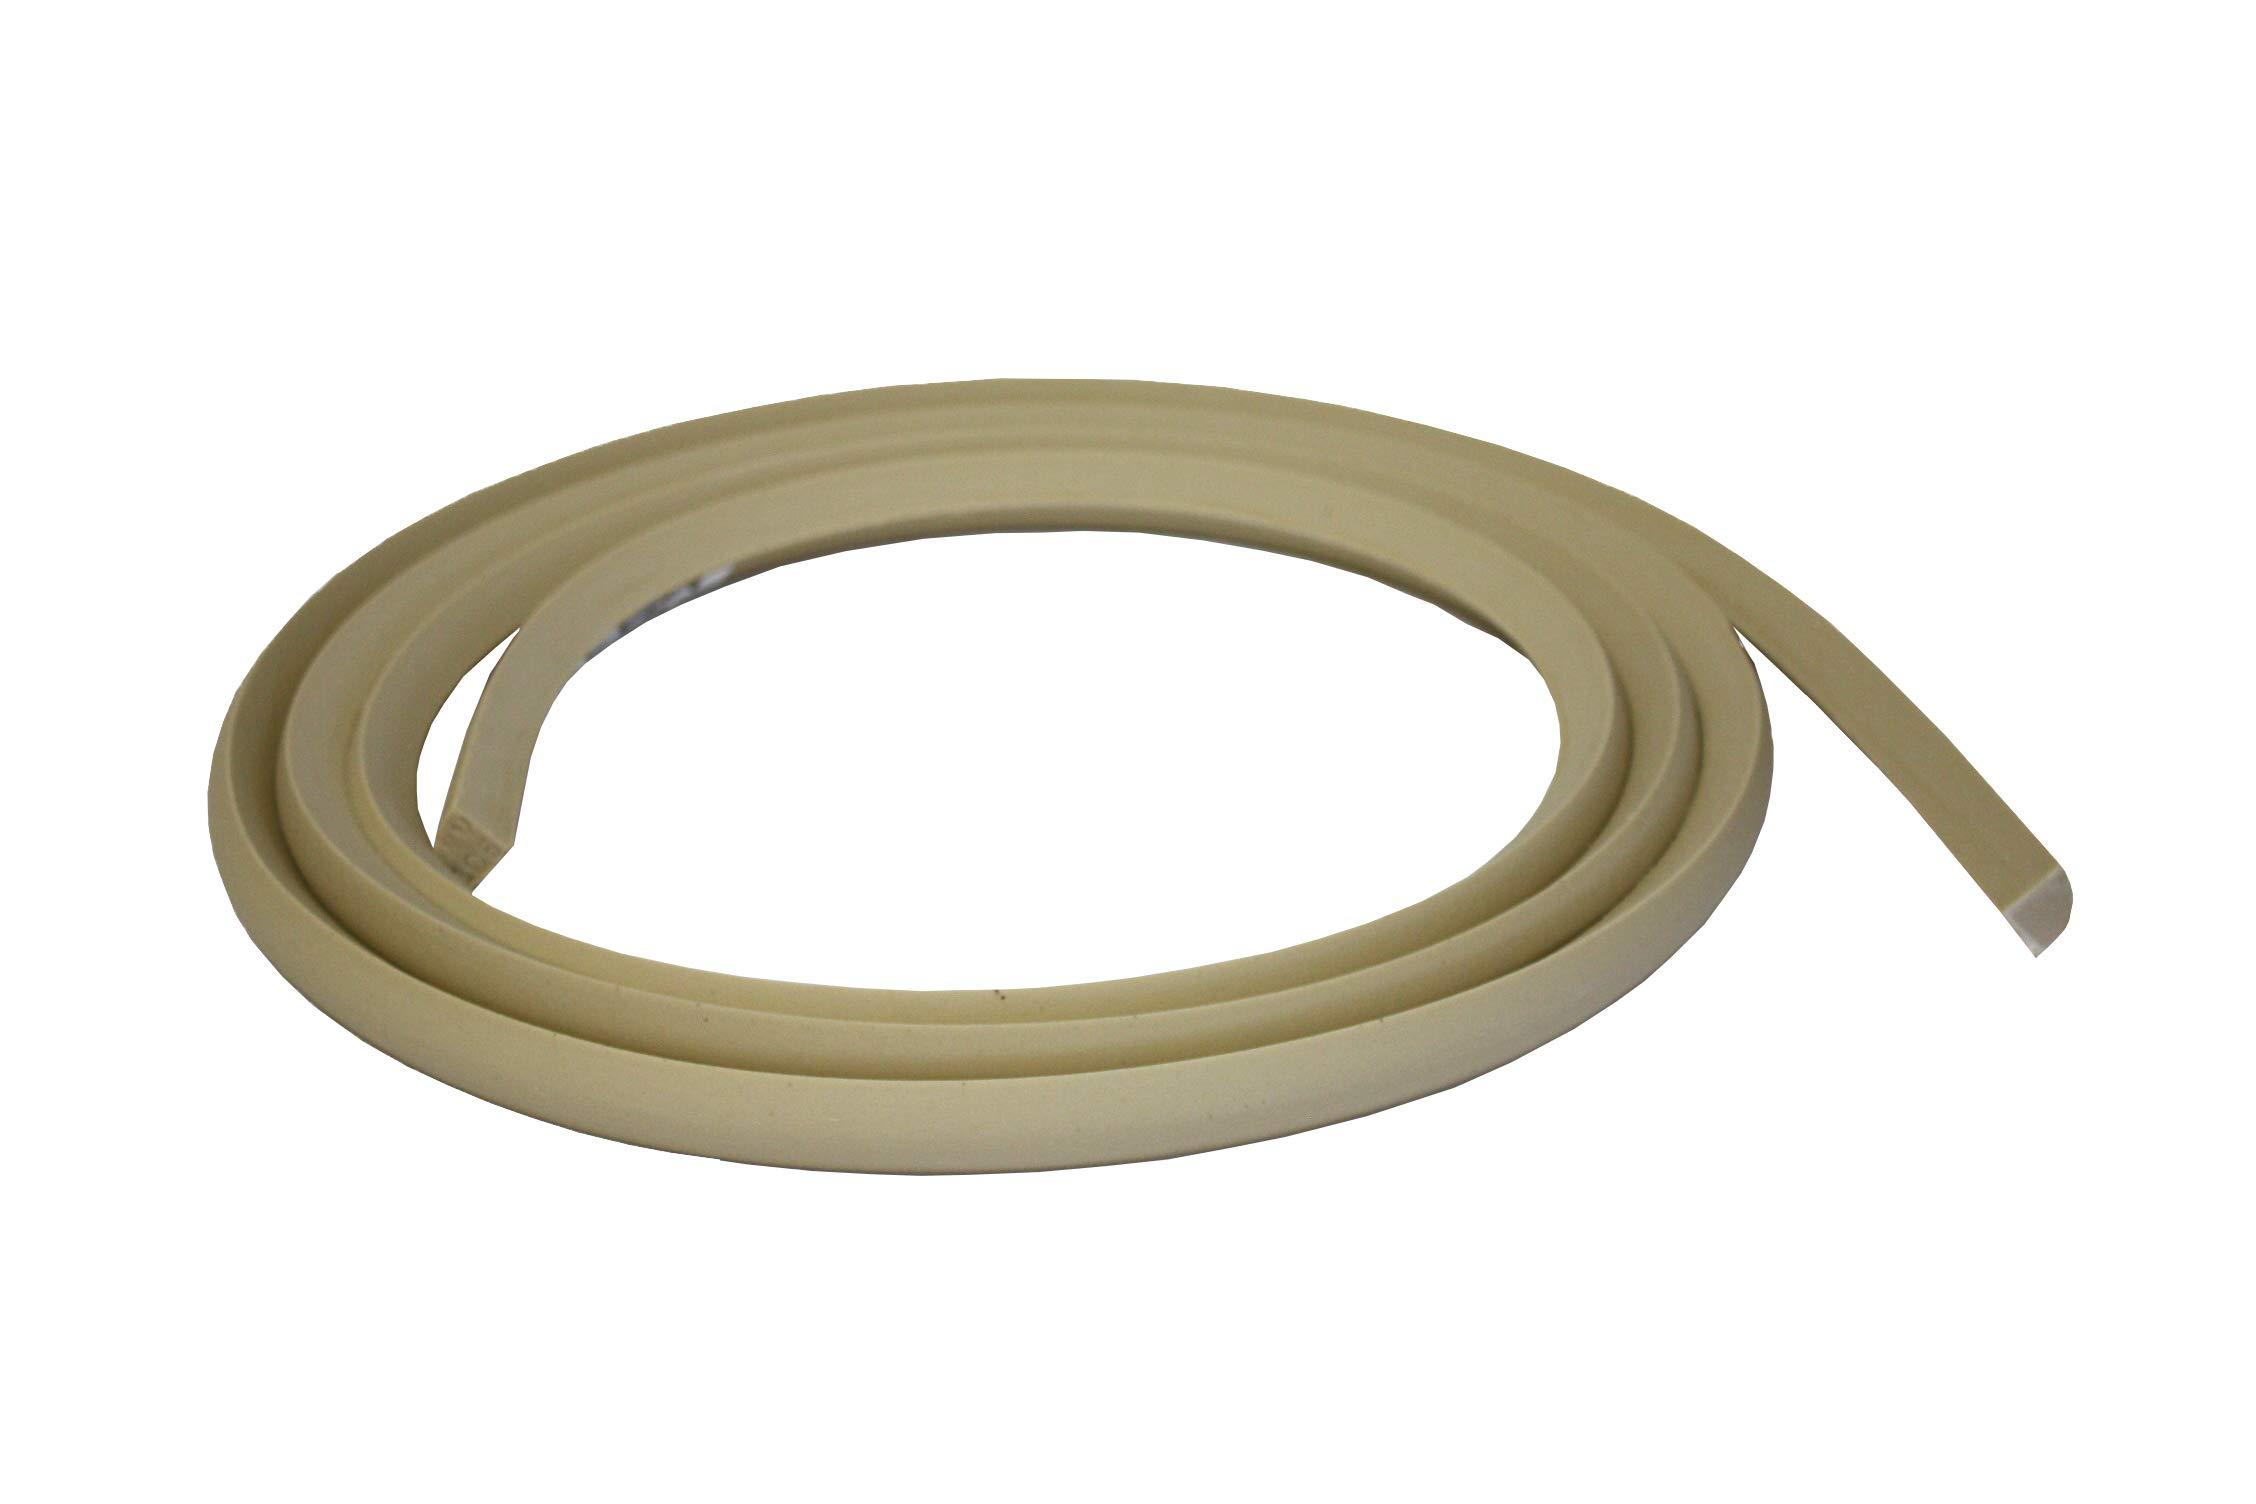 Flexible Moulding - Flexible Quarter Round Moulding - WM105 - 3/4'' X 3/4'' - 8' Straight - Flexible Trim